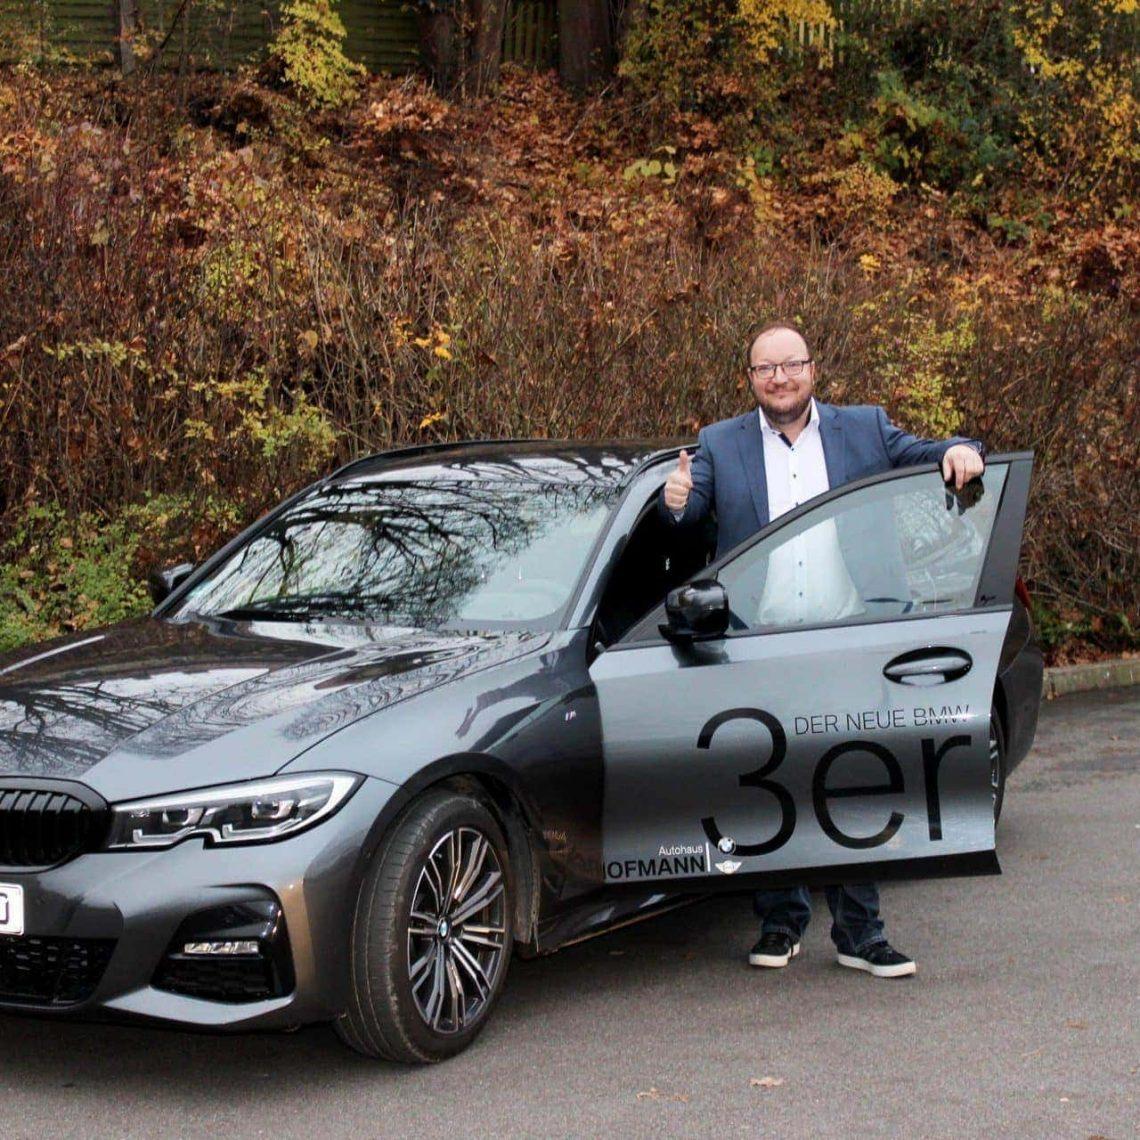 Blizz-Testfahrt: BMW 3er Touring kombiniert Sportlichkeit mit innovativer Vielseitigkeit Viel mehr als nur Mittelklasse